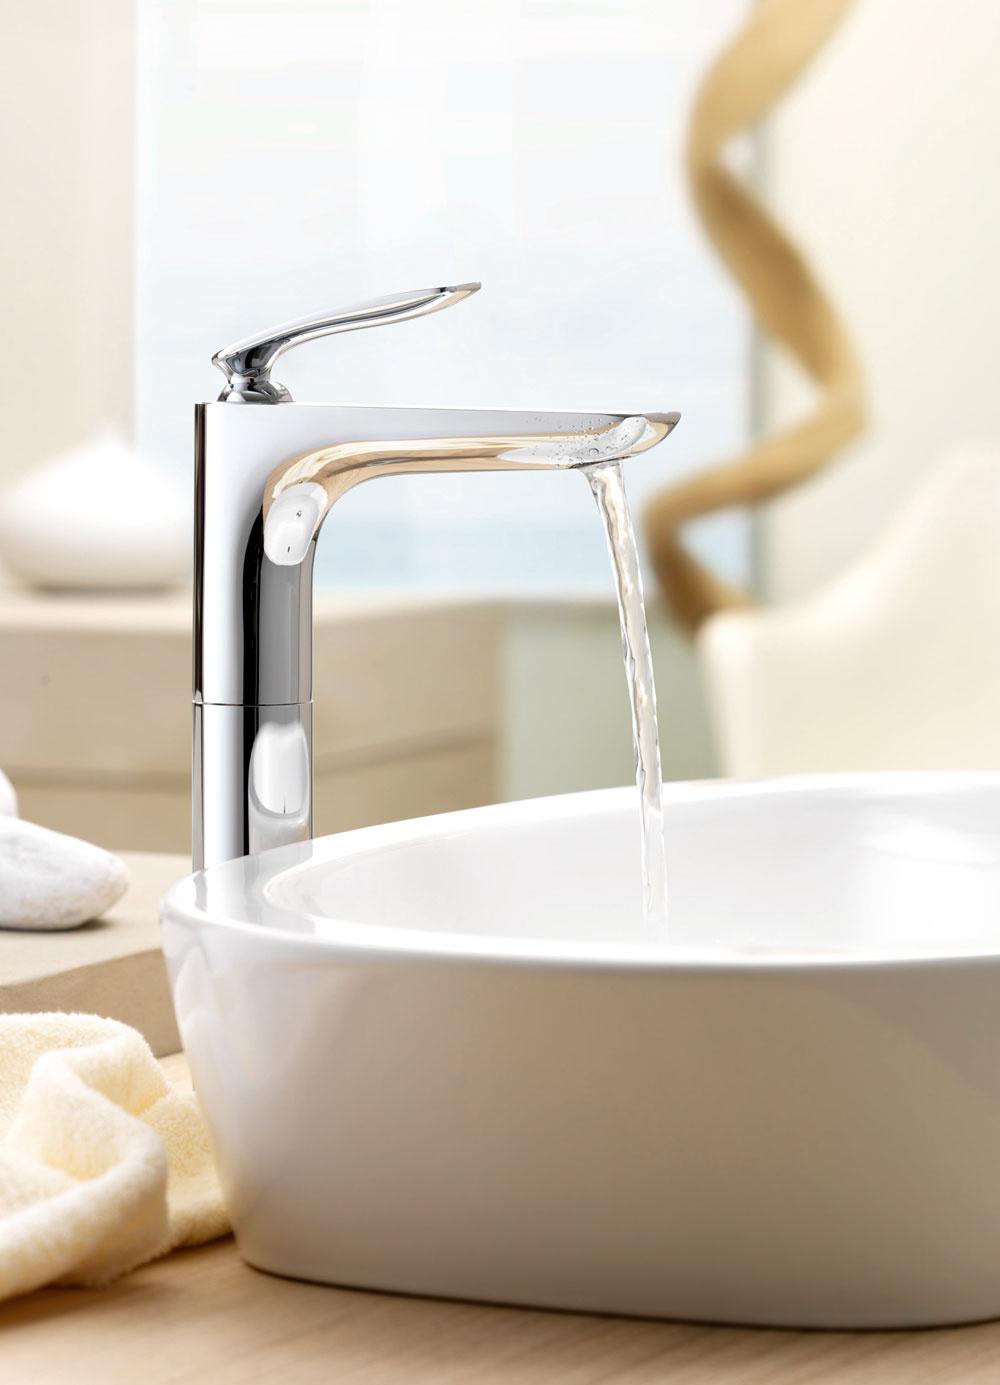 Jednopáková batéria Kludi Balance získala ocenenie iF product design award 2012 vkategórii bathroom/wellness. Vydareným anápadným prvkom je umiestnenie páky, ktorá pôsobí, akoby sa vznášala nad telom batérie aje ergonomická. Má zabudovaný, individuálne nastaviteľný perlátor, ktorý dokáže vyrobiť prirodzený prúd vody bez primiešania vzduchu. Integrovaný obmedzovač horúcej vody HotStop atechnológia ECO-spointer šetriaca vodu sú zárukou bezpečnosti aekologického prístupu kživotnému prostrediu. Cena od 243 €. Predáva Kludi.